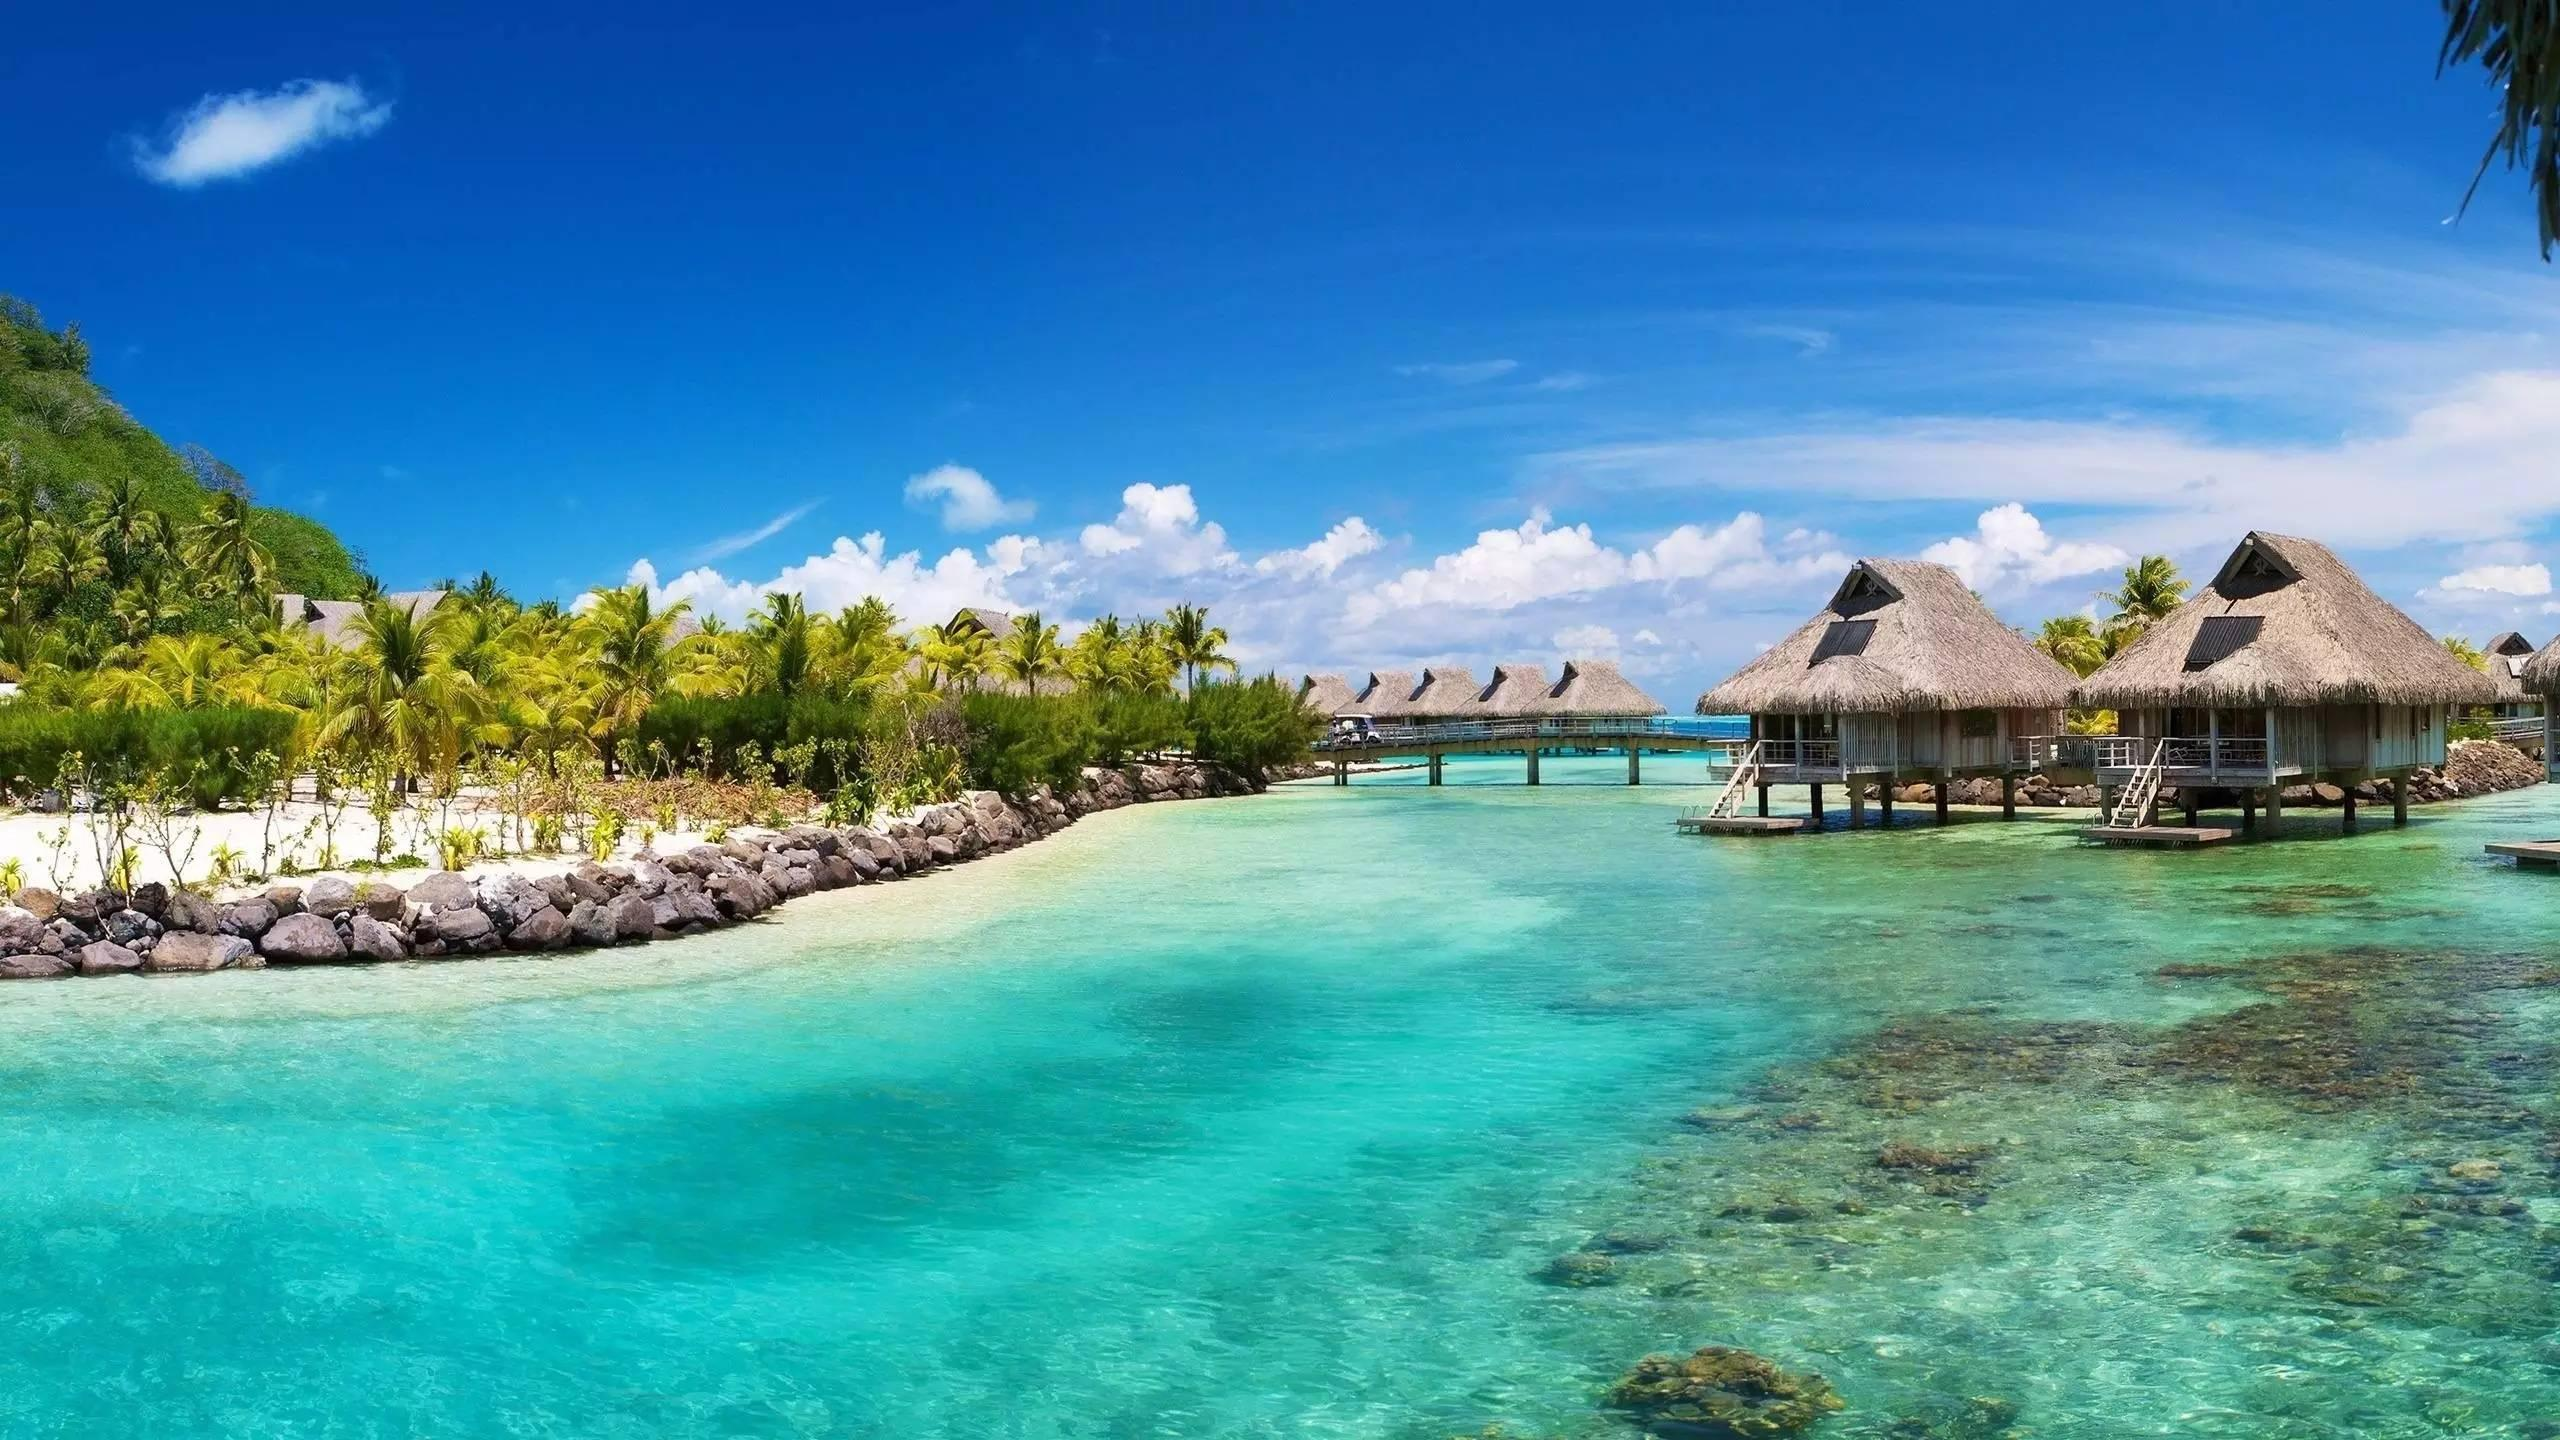 每年12月16日 次年4月15日是巴巴多斯的最凉爽的季节,而这一段时间